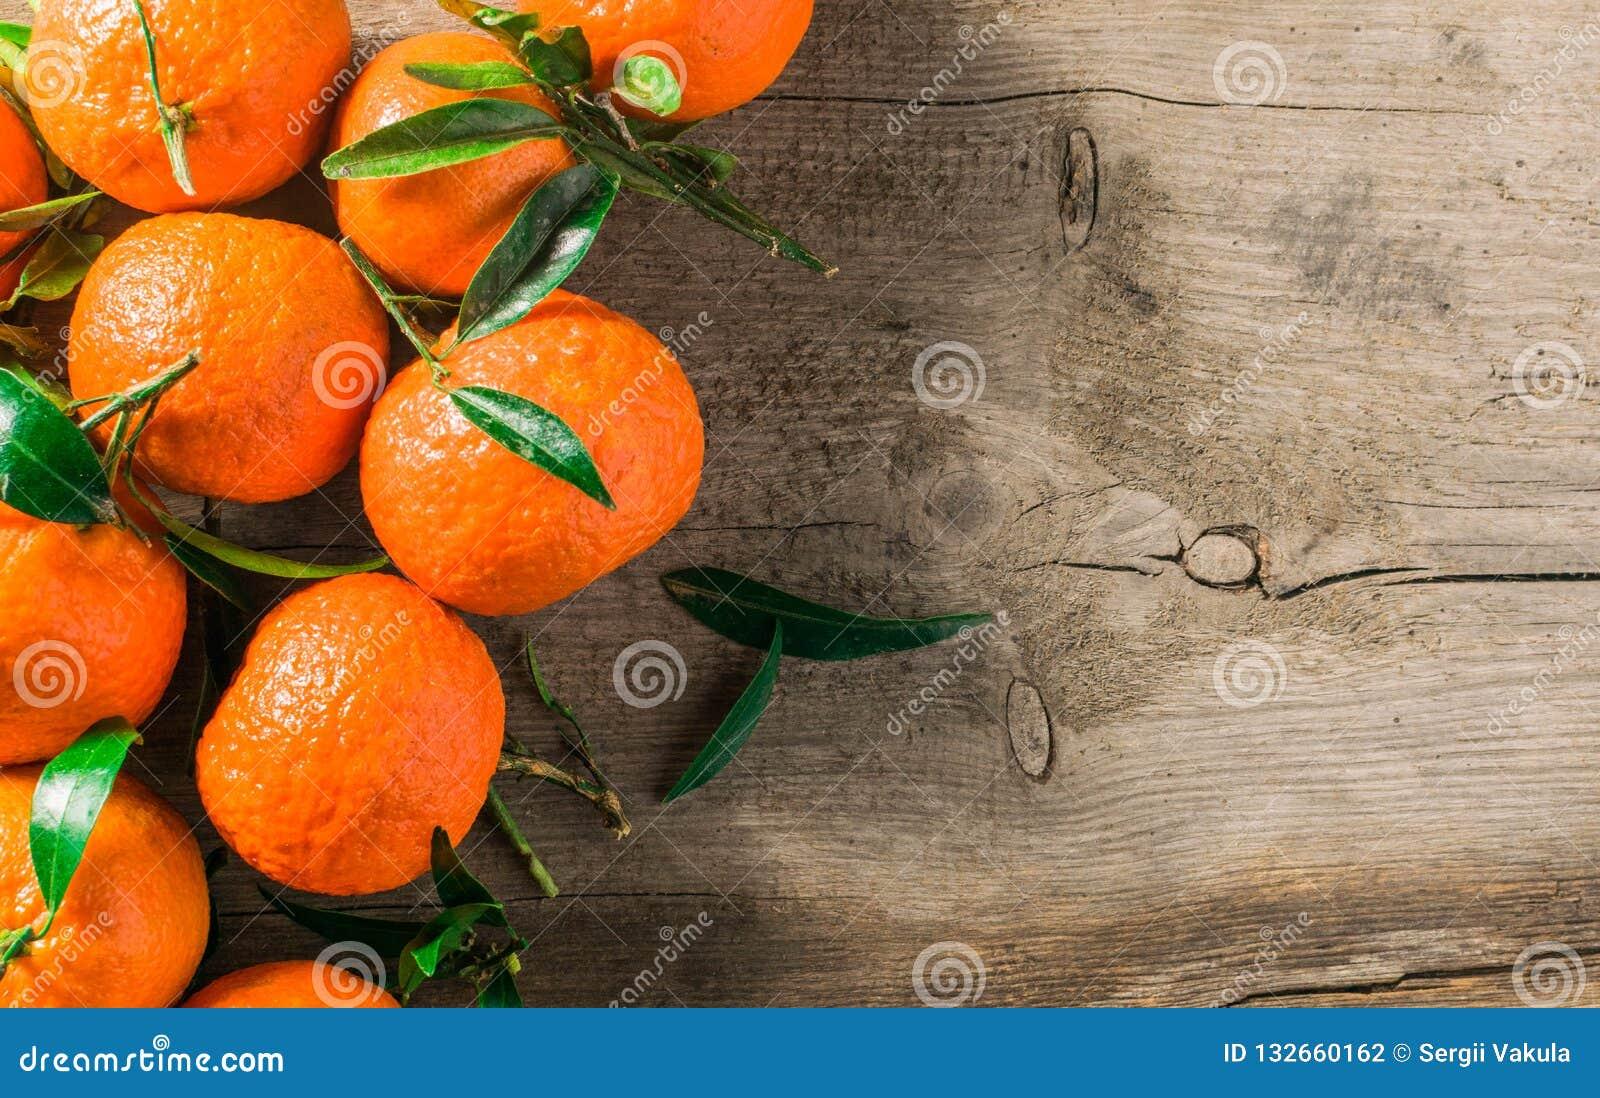 蜜桔桔子,普通话,柑桔,与叶子的柑橘水果在土气木背景,拷贝空间的篮子